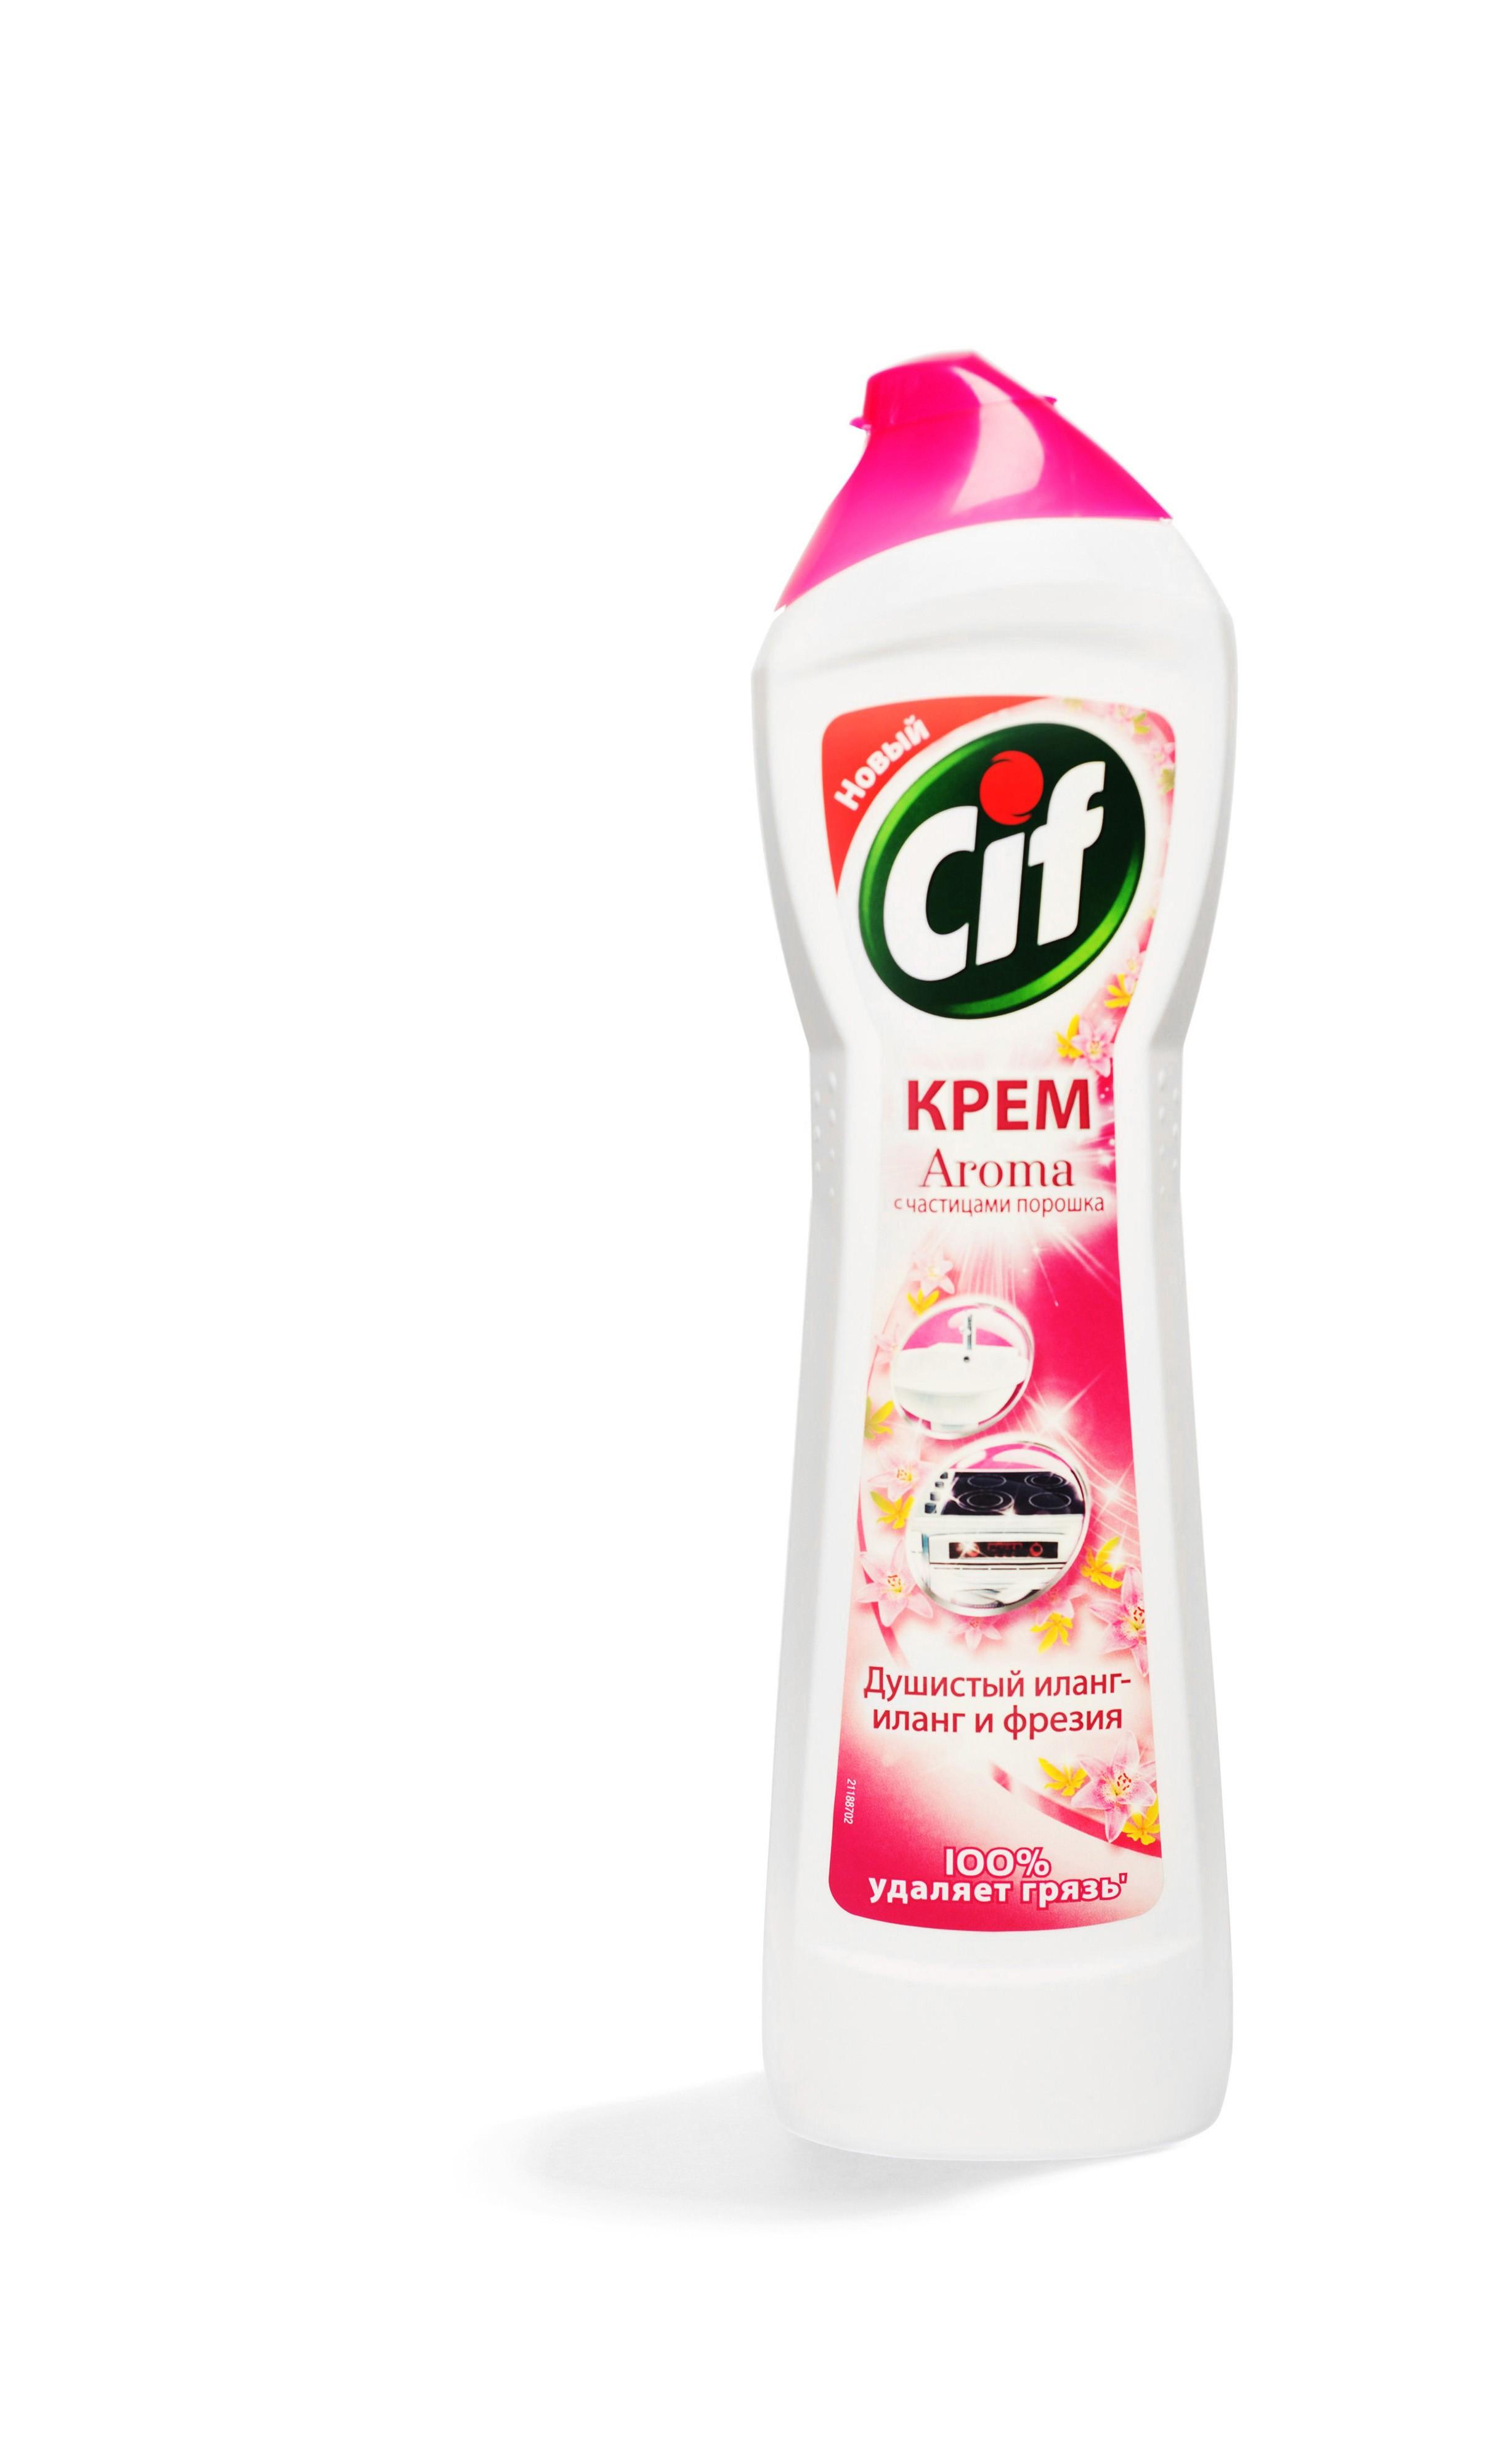 Cif Чистящий крем Розовая свежесть нежный жасмин и фиалка с сикрокристаллами удаляет 100% грязи на кухне и в ванной, оставляя поверхности 100% сияющими и гладкими